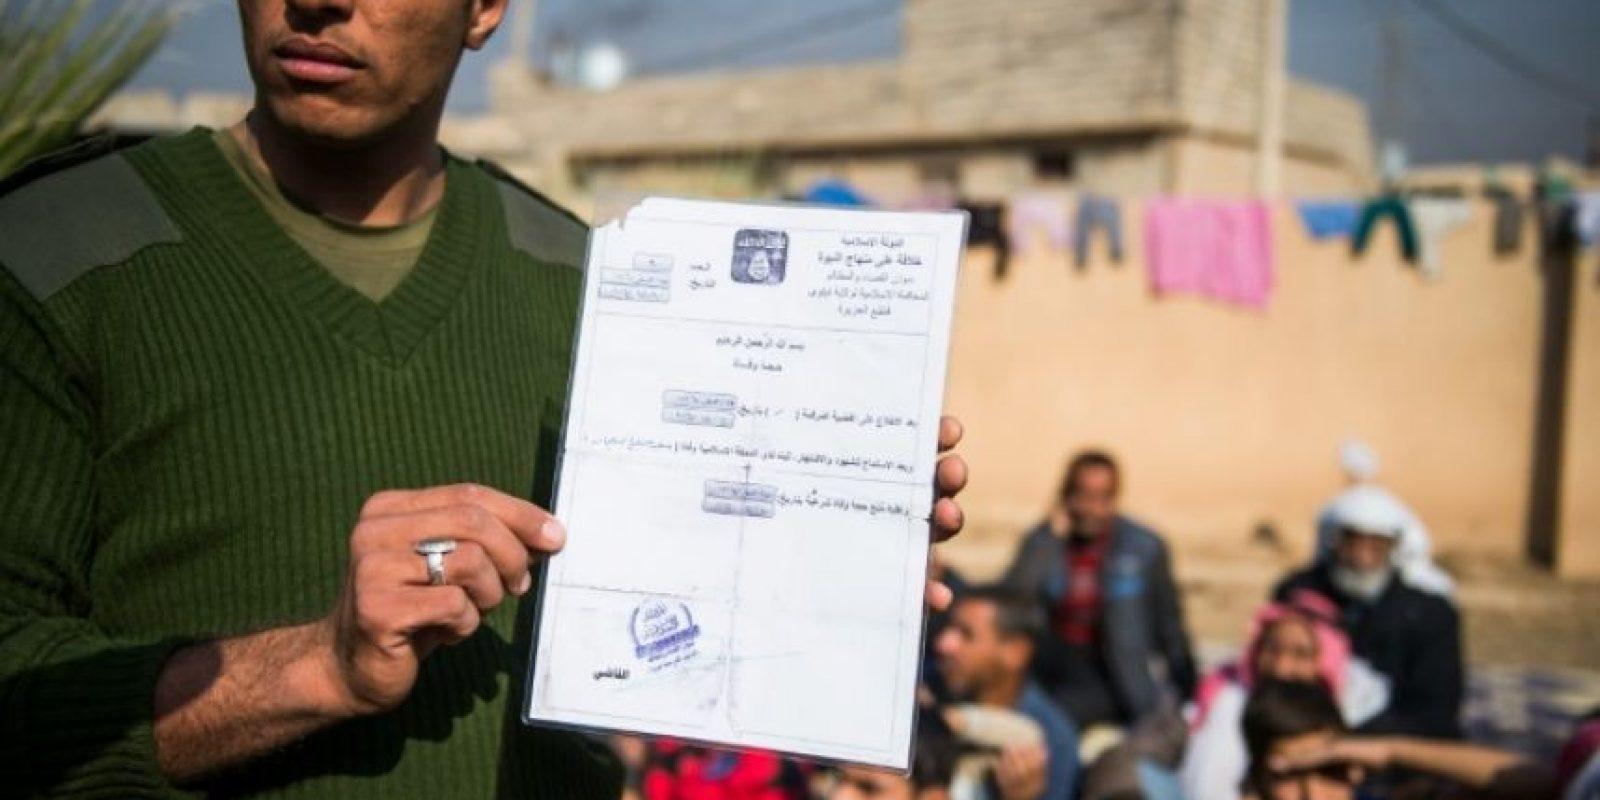 Un soldado de la novena división armada del ejército iraquí sostiene un certificado de defunción expedido por Estado Islámico, cerca de una base adyacente al barrio de Al-Intissar en Mosul, el 7 de noviembre de 2016 Foto:Odd Andersen/afp.com